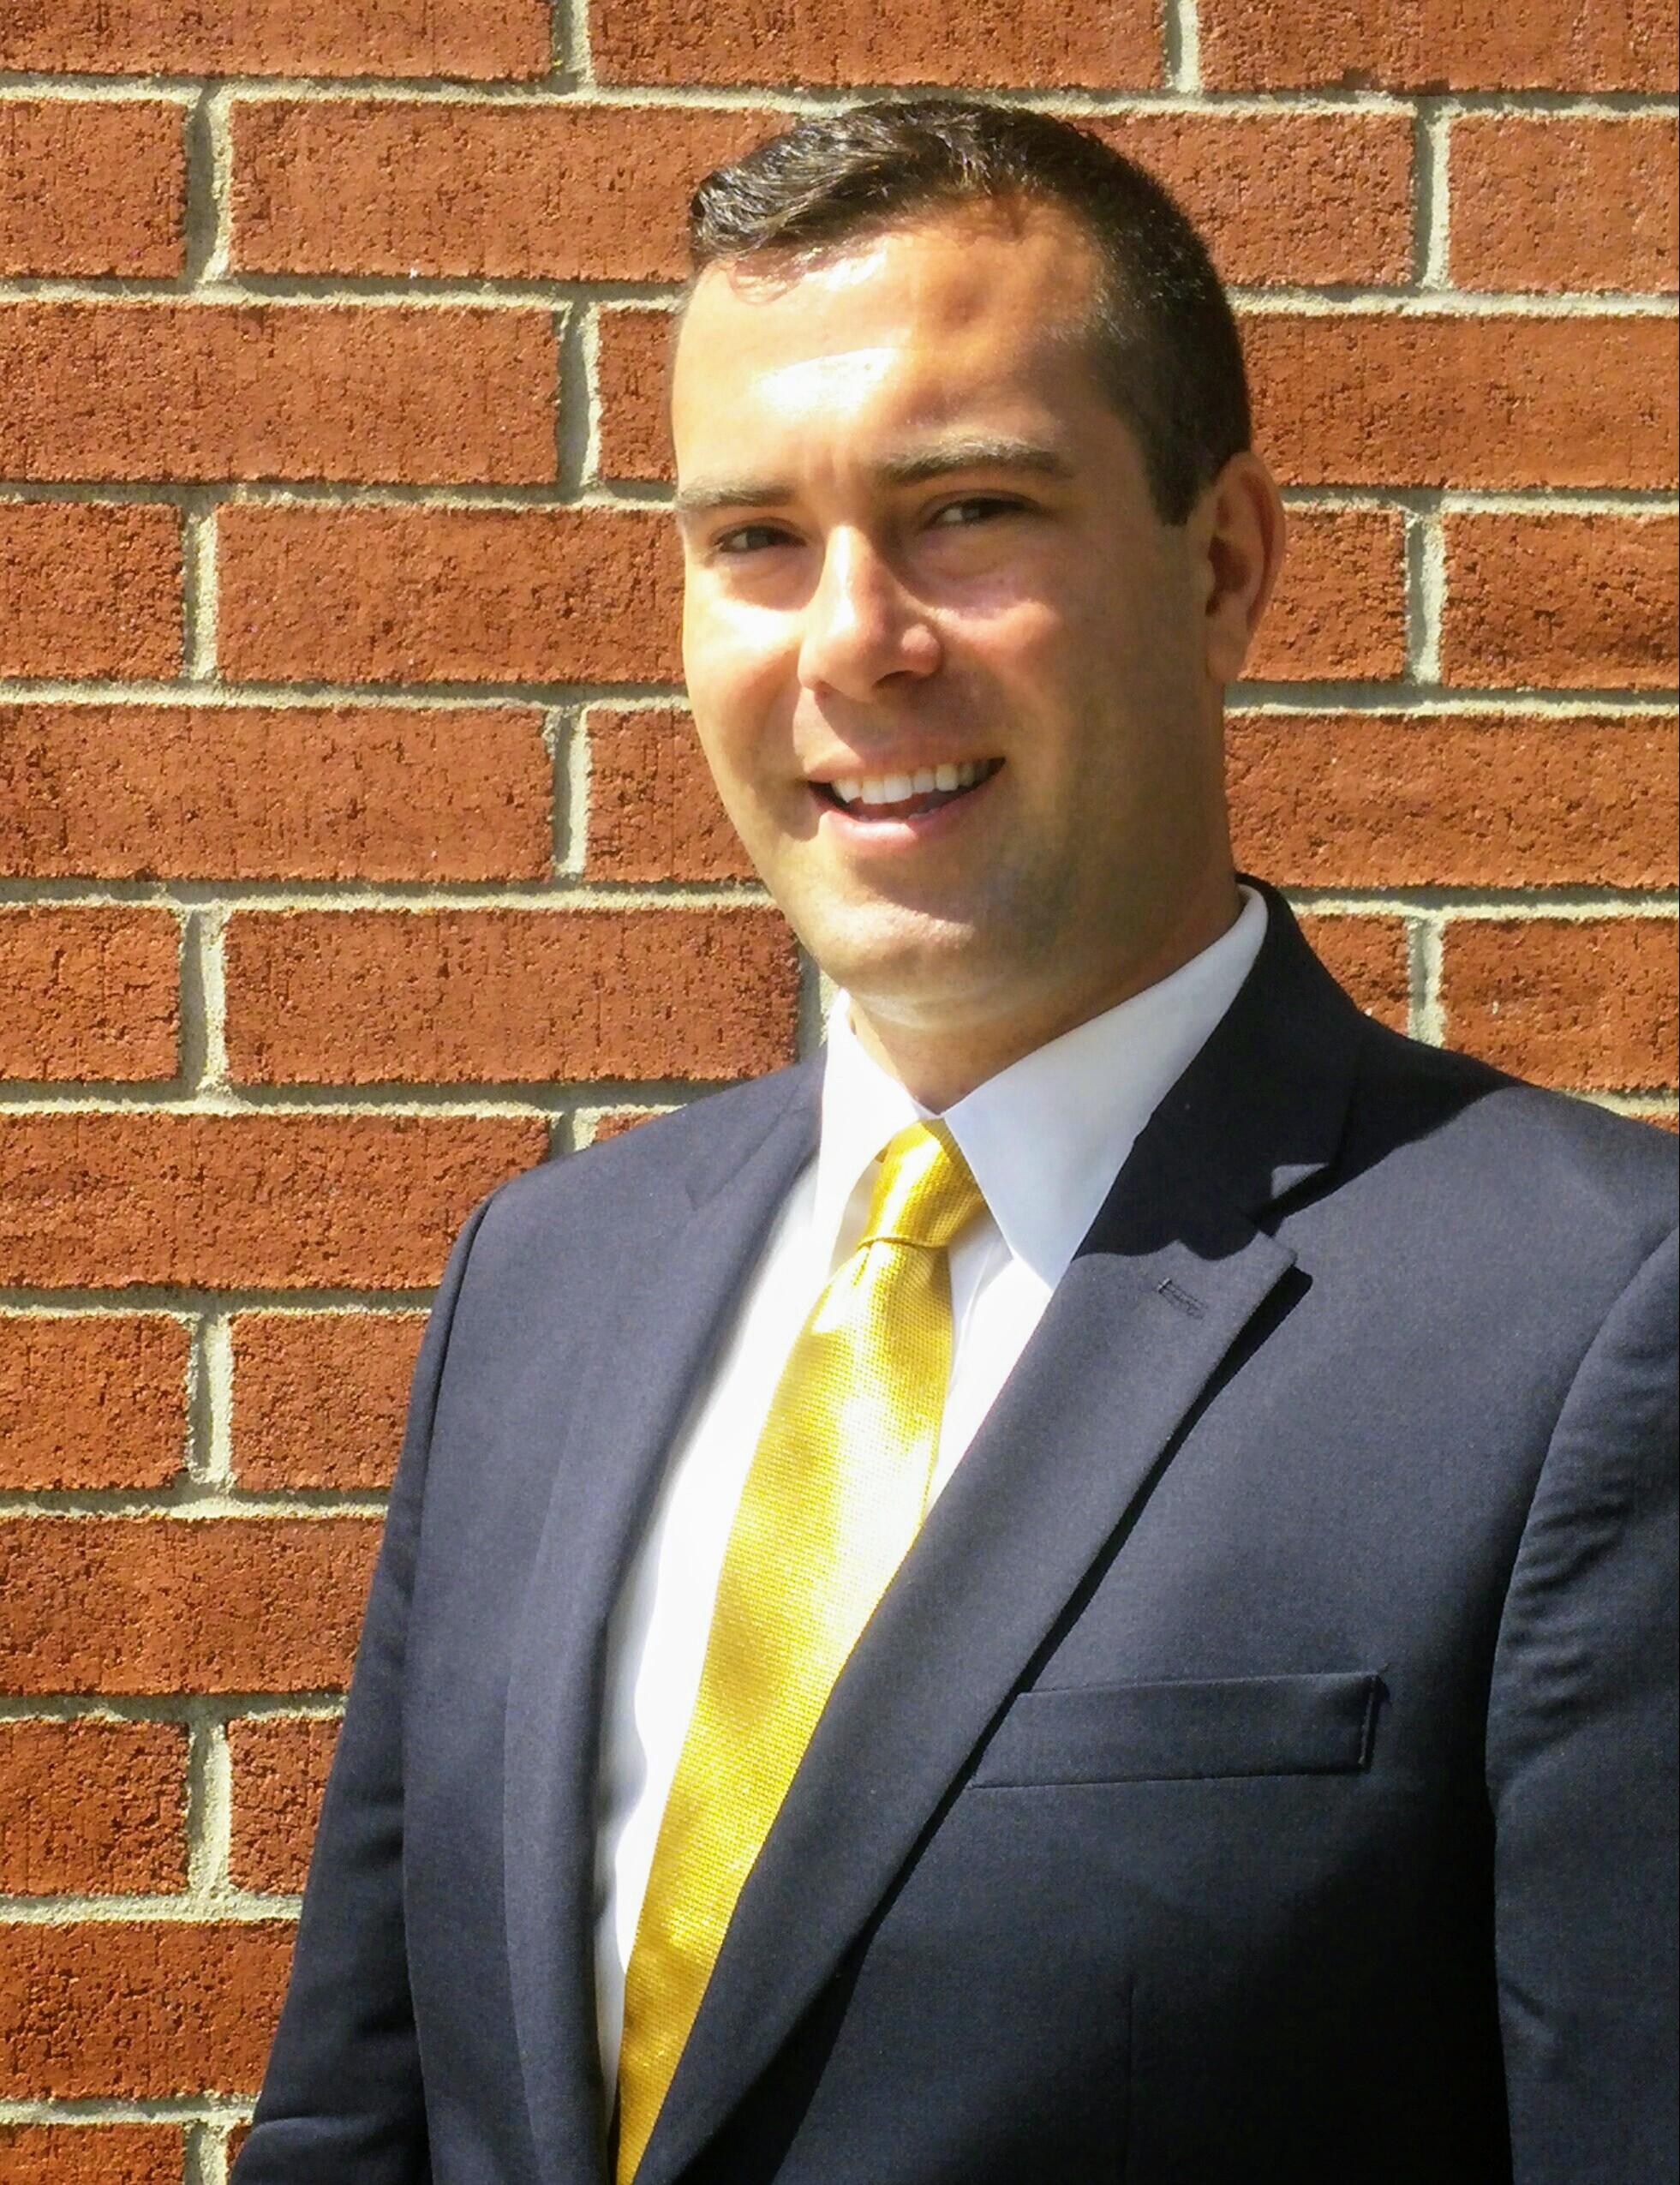 Owen Brady